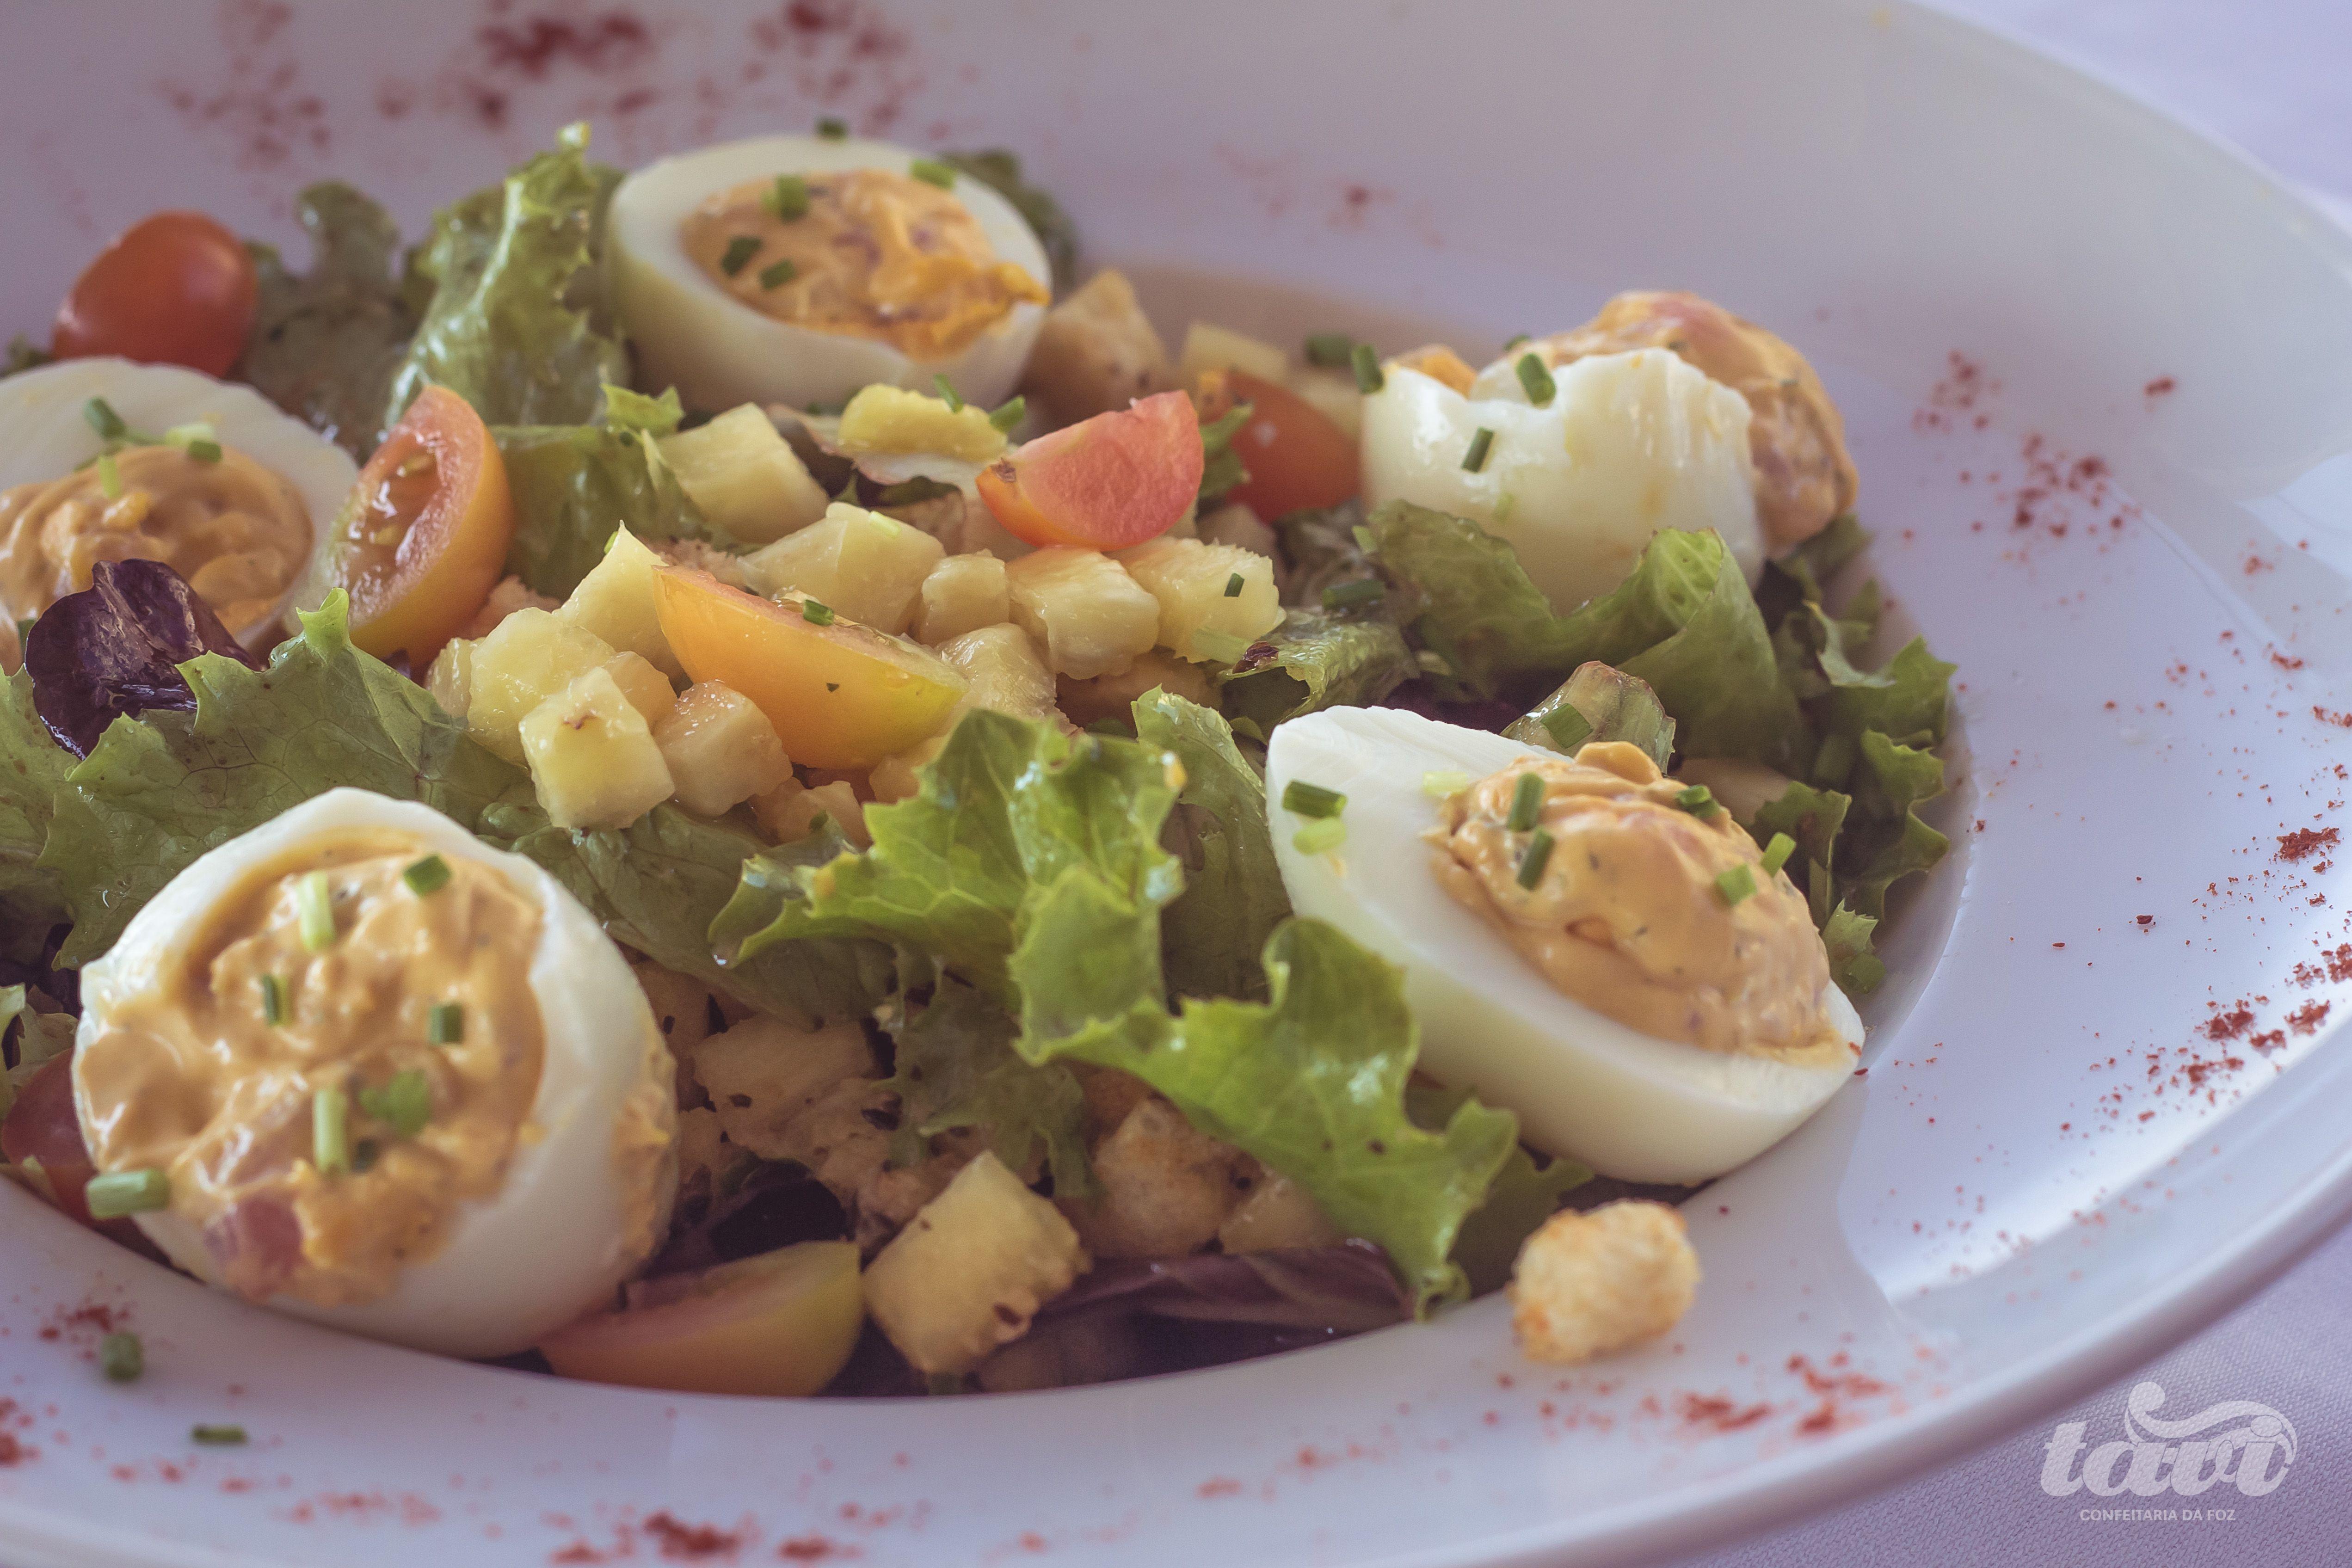 Salada com ovos recheados.